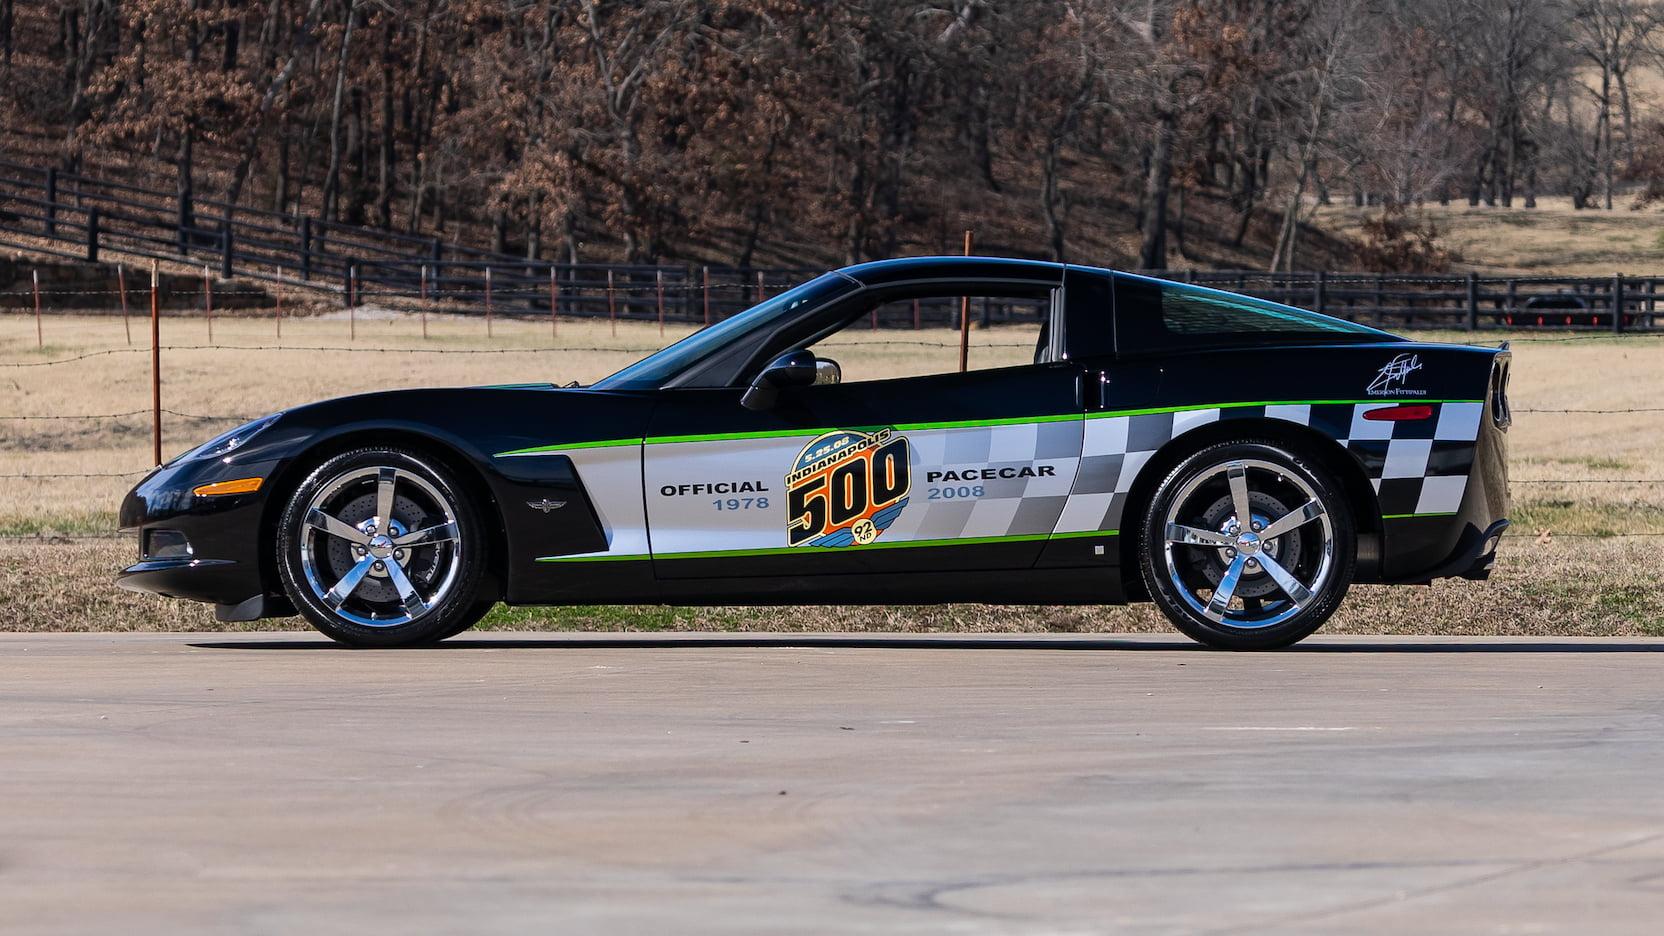 2008 Chevrolet Corvette Pace Car Edition Coupe